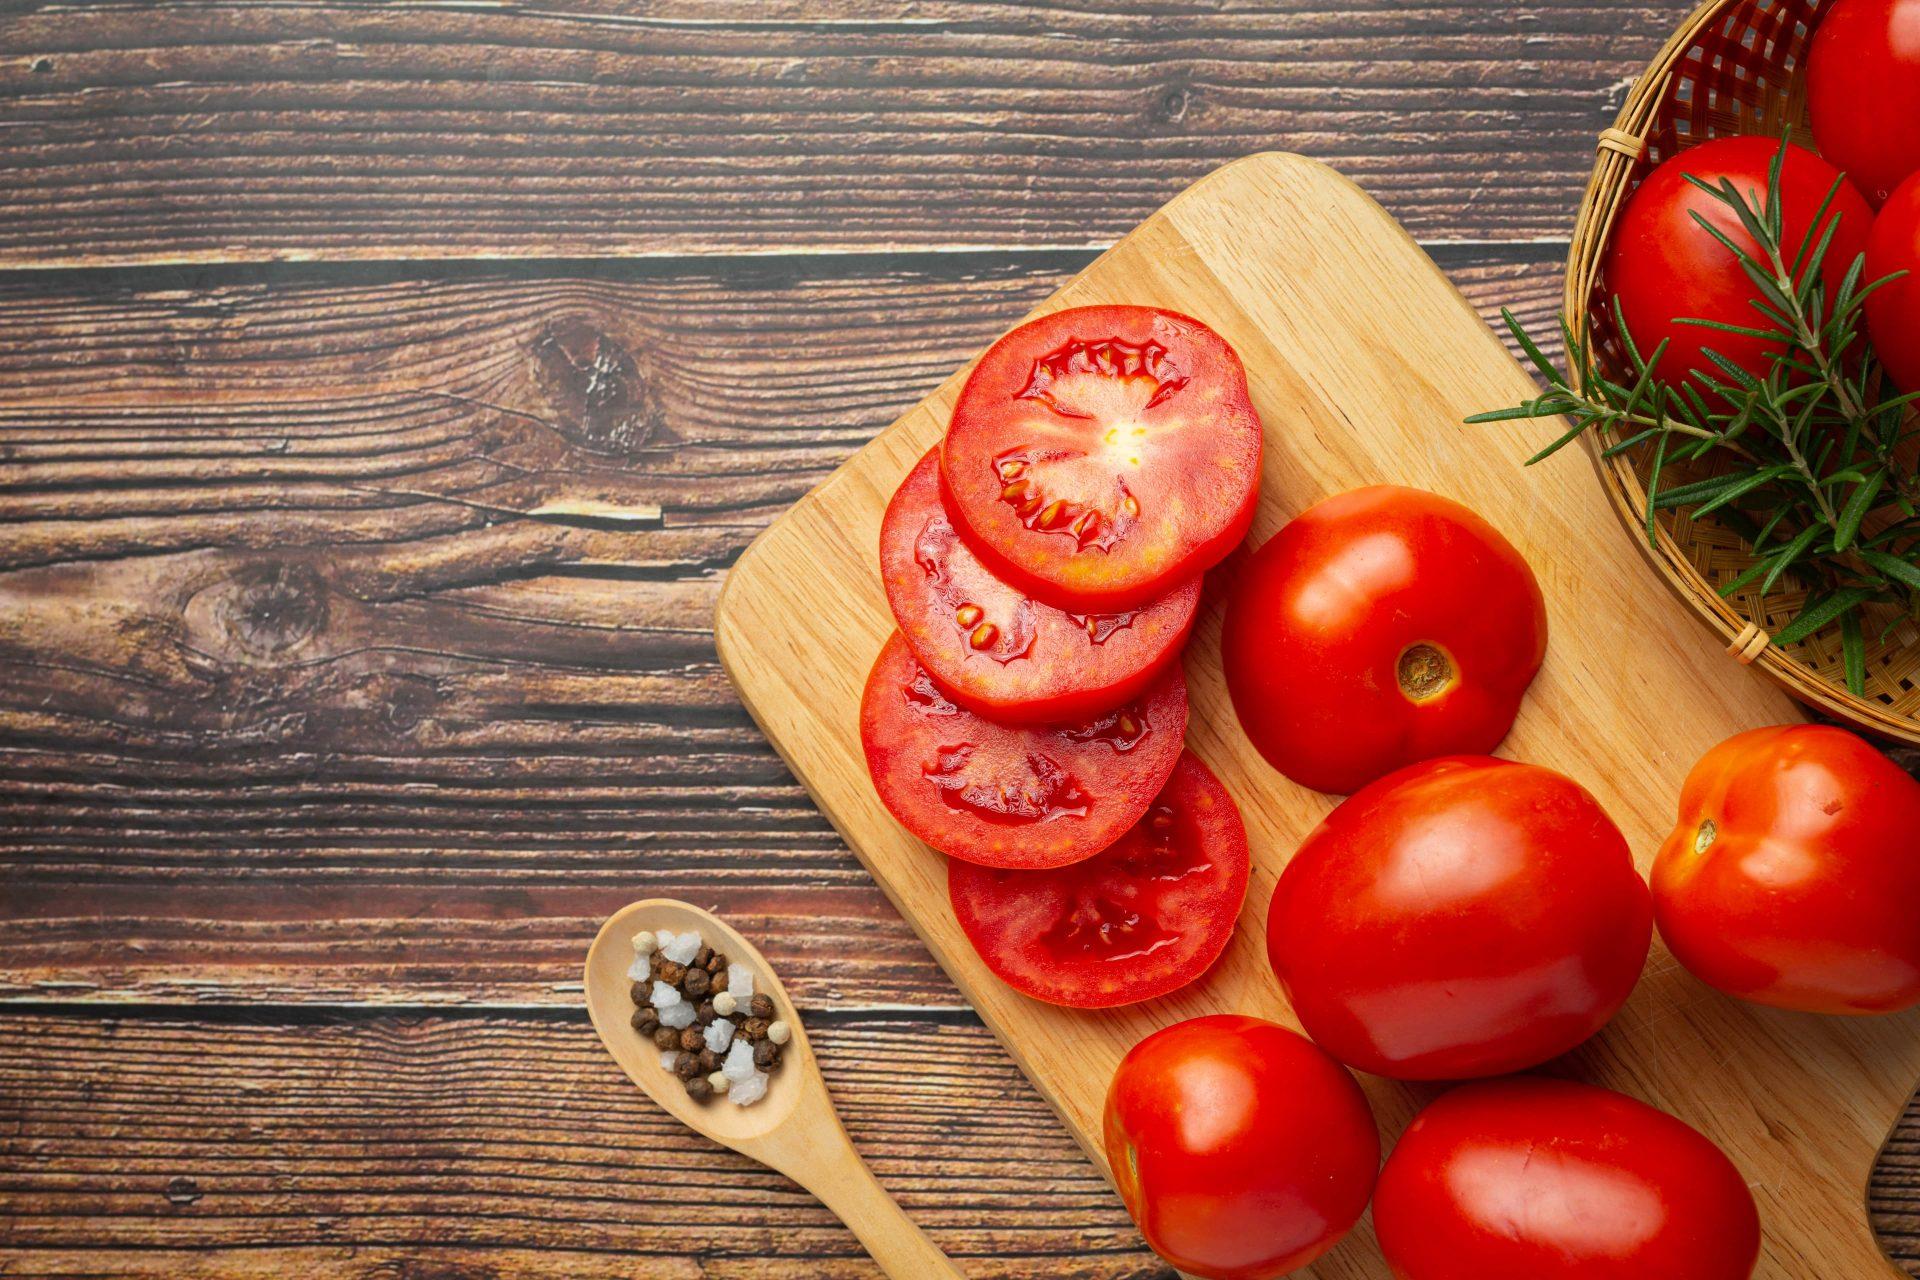 kandungan-buah-tomat-bagi-tubuh